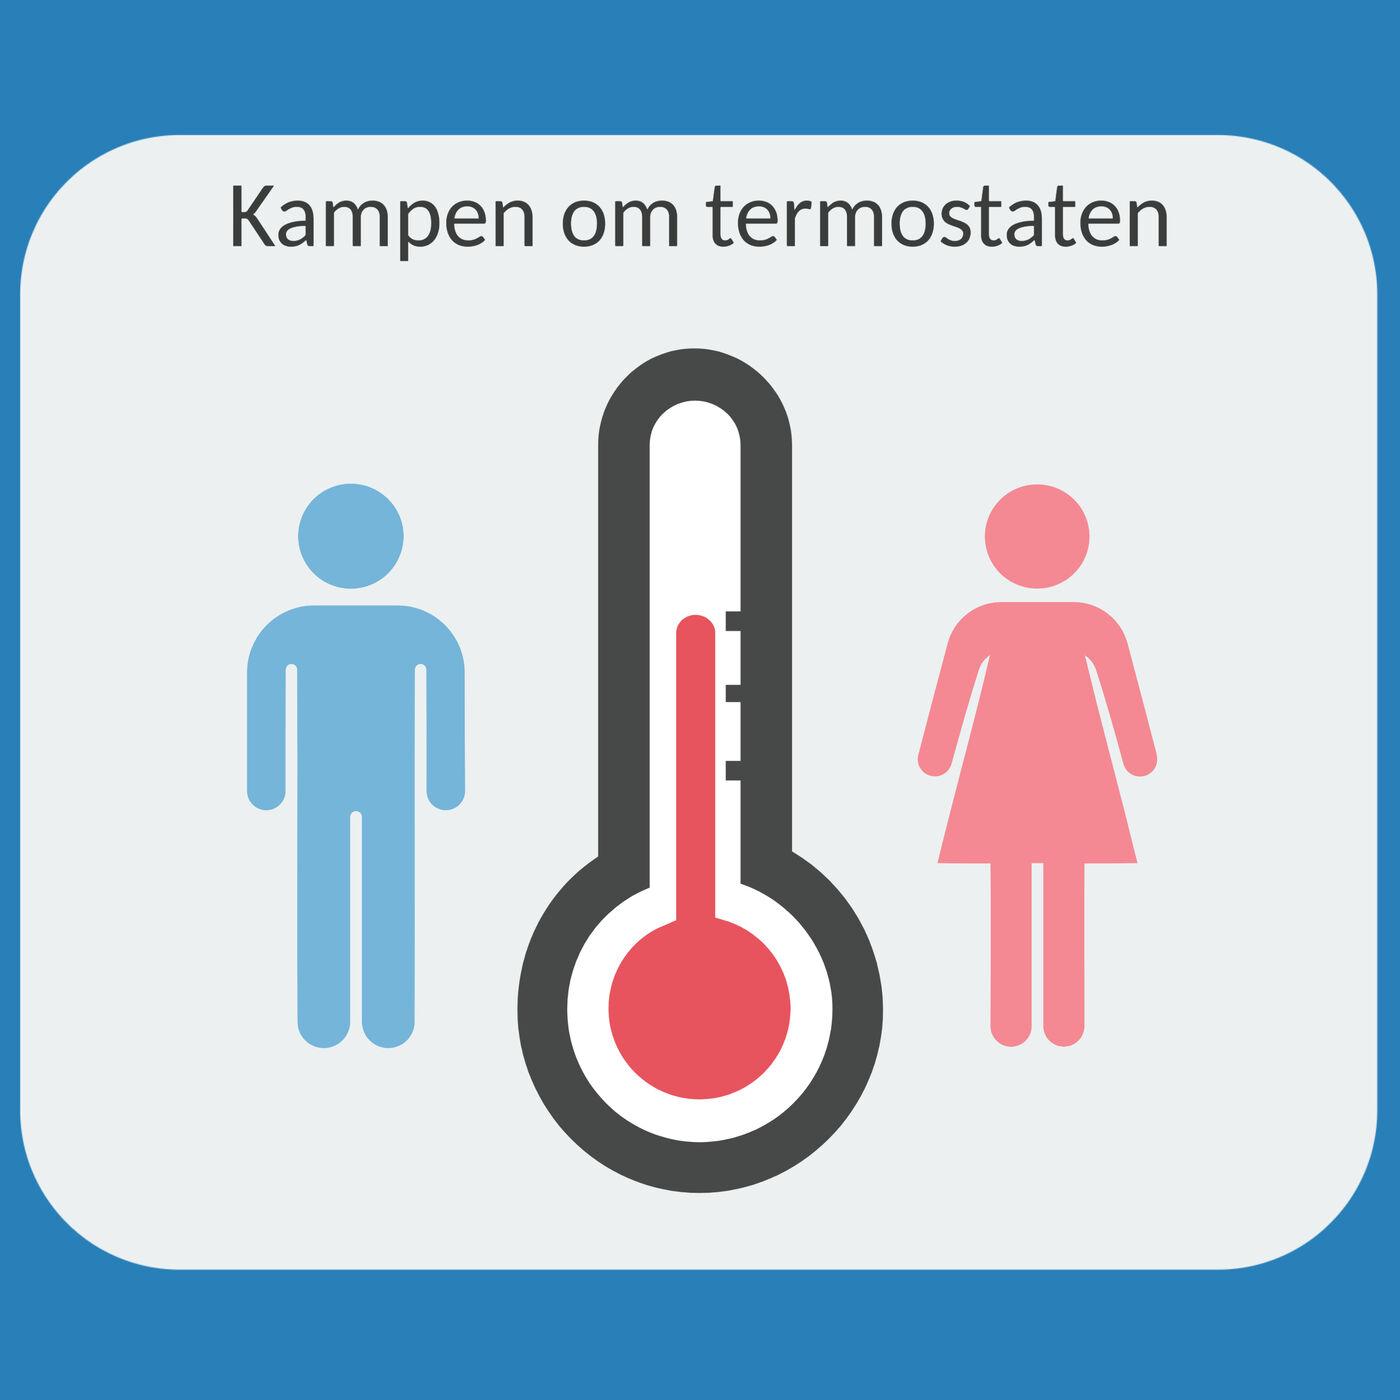 #3.14: Kampen om Termostaten (DA)